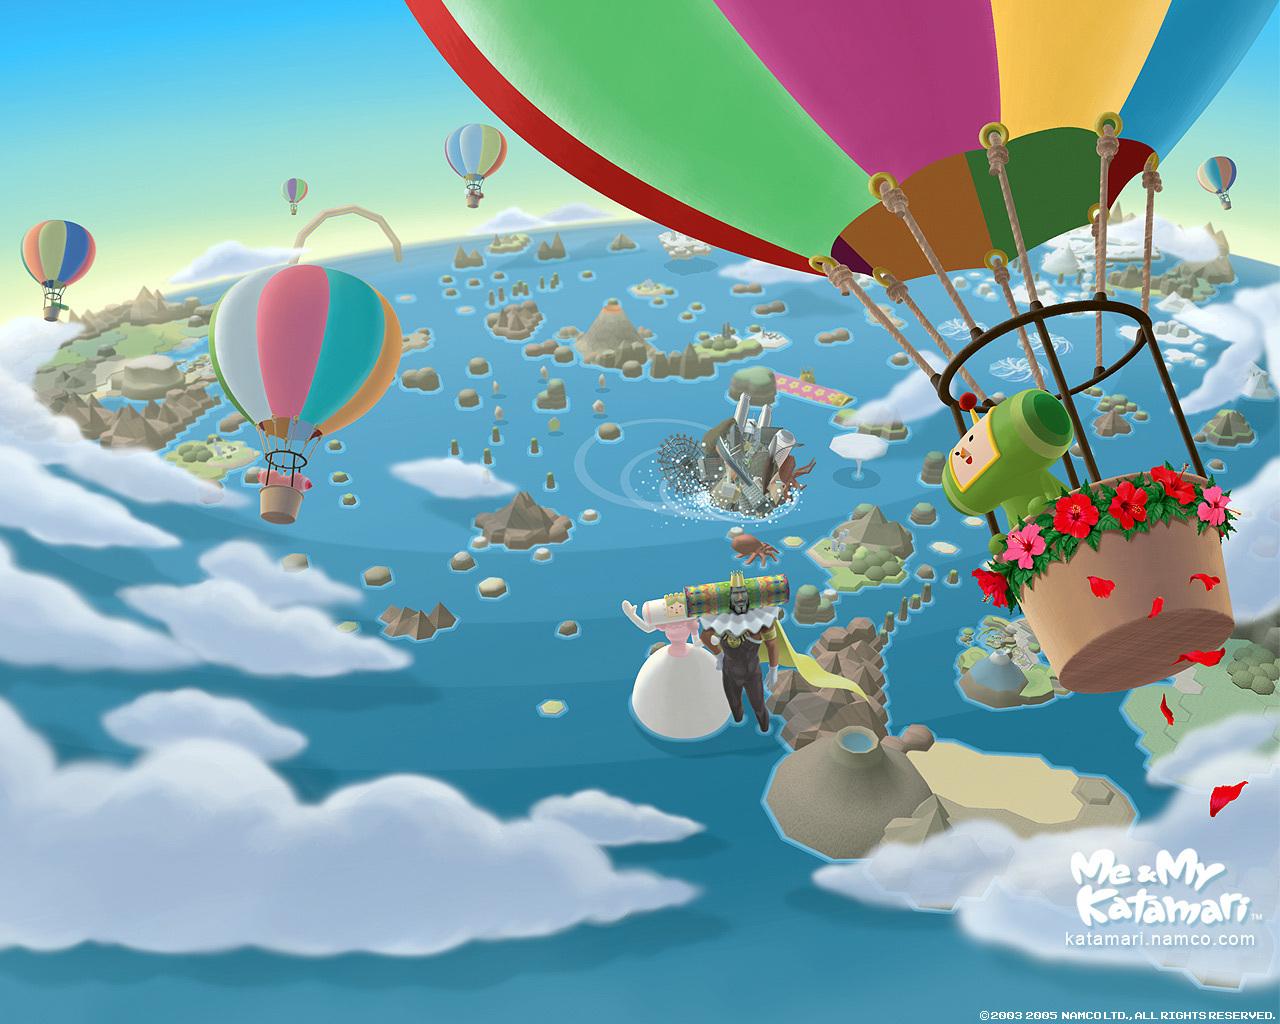 Katamari images Katamari HD wallpaper and background 1280x1024